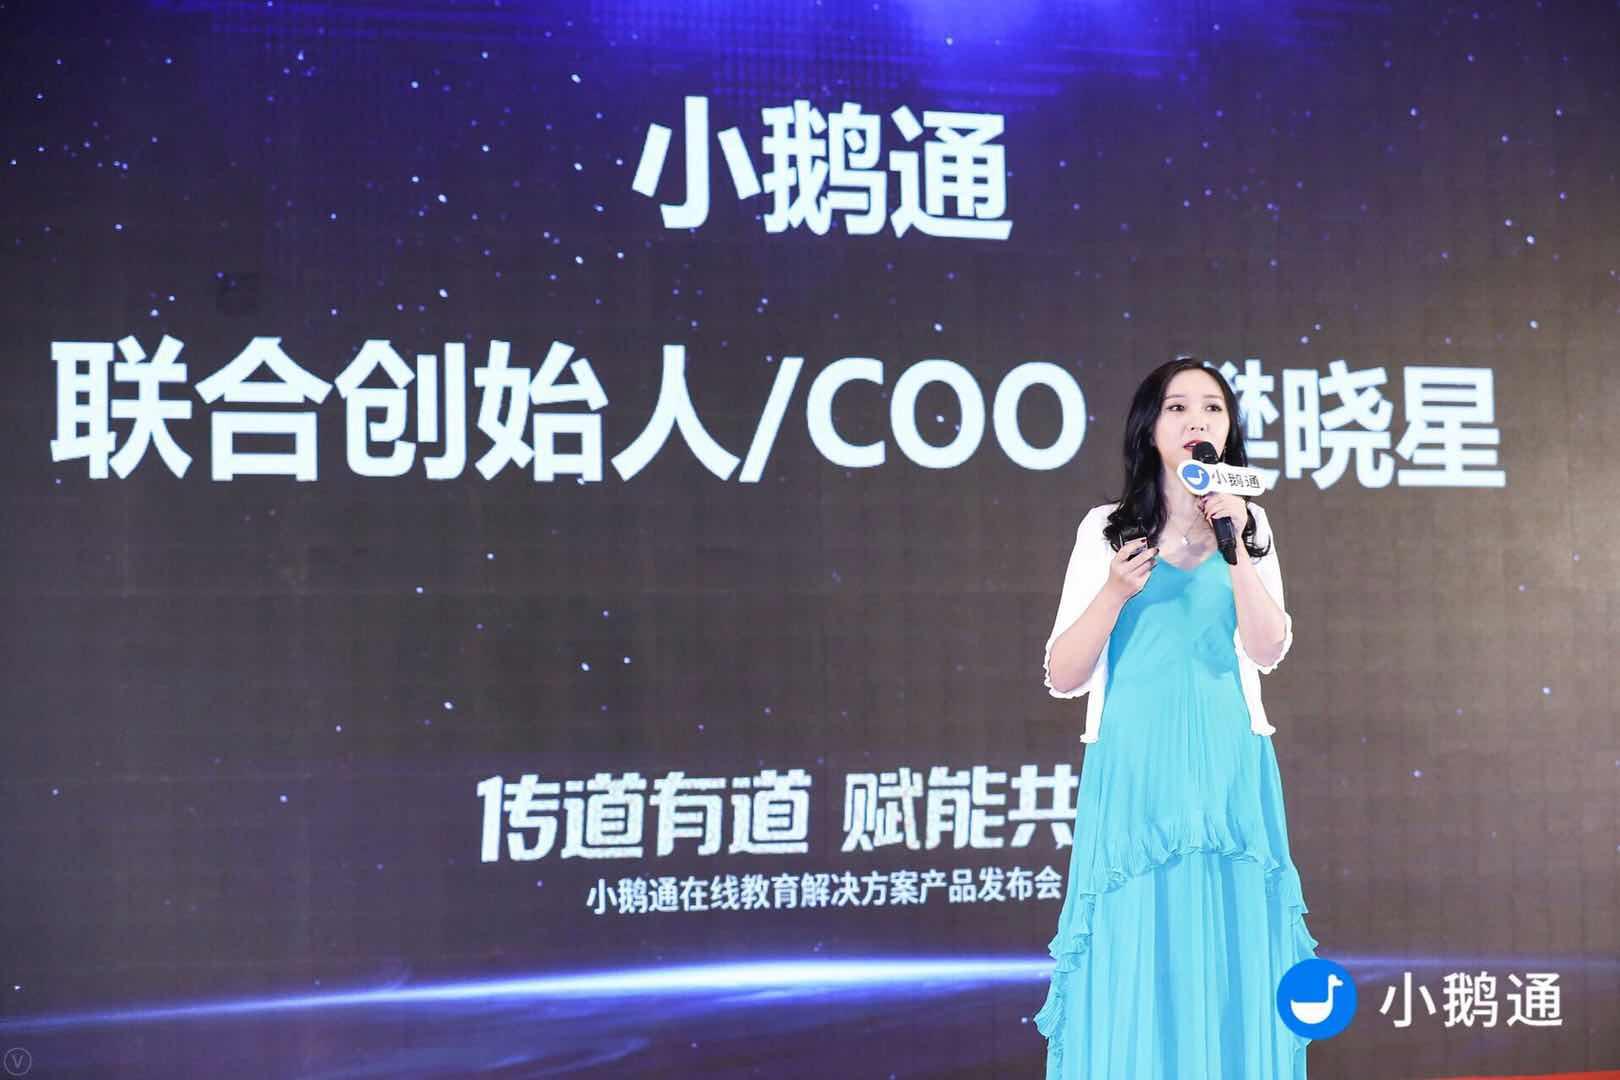 小鹅通发布在线教育解决方案产品 提升效率助力行业发展